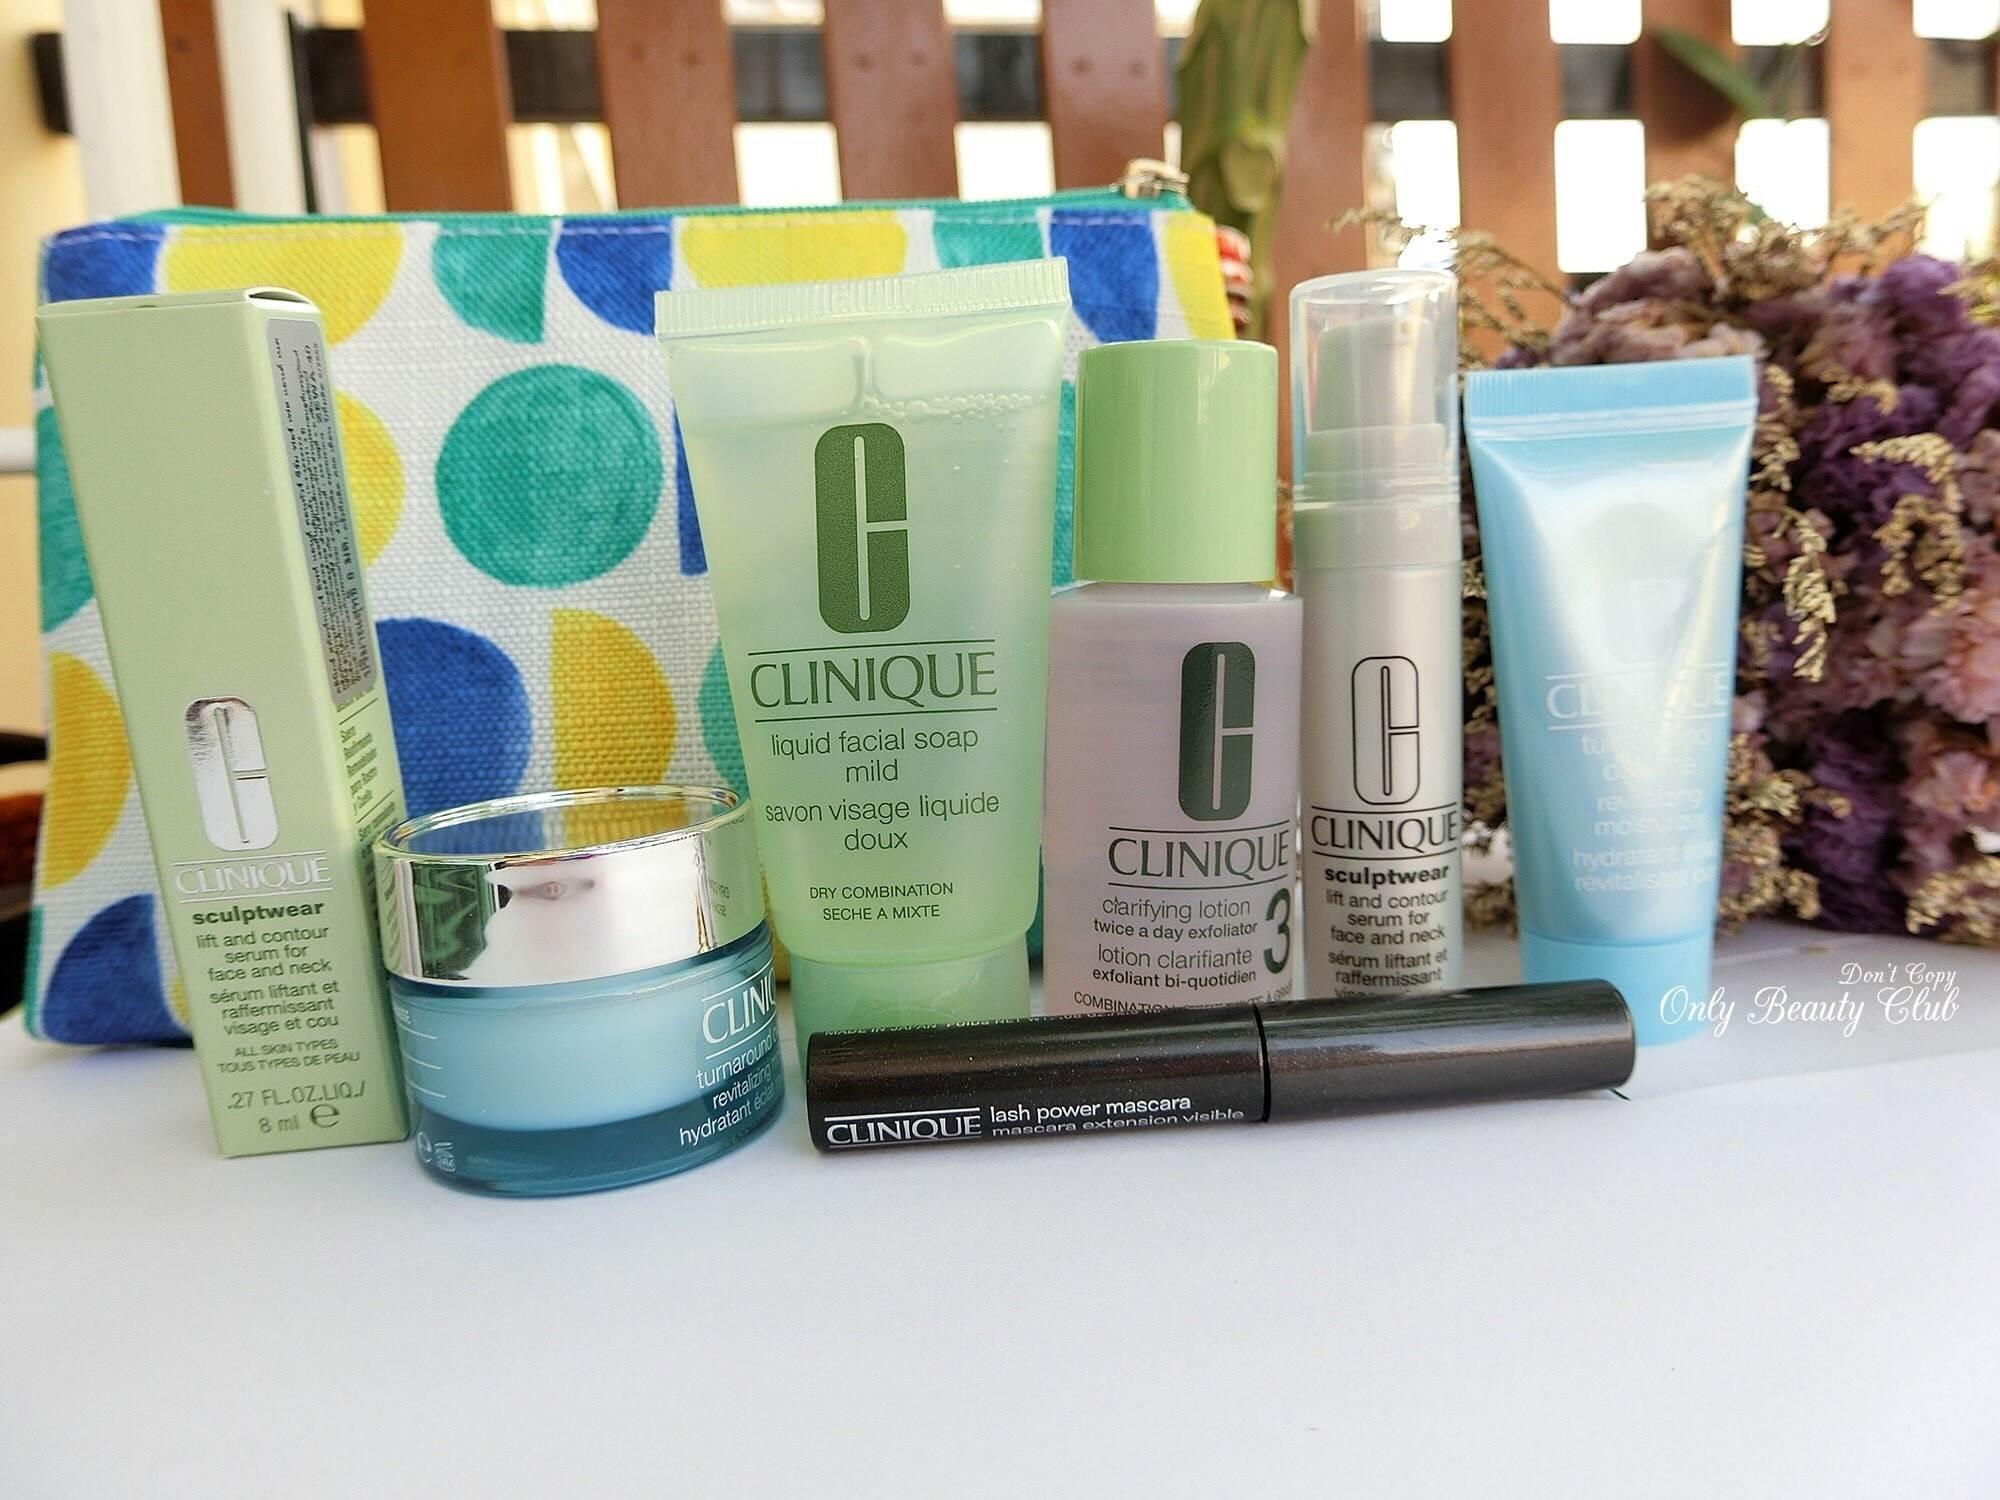 พร้อมส่ง Clinique Gift Set 6 ชิ้น + กระเป๋า